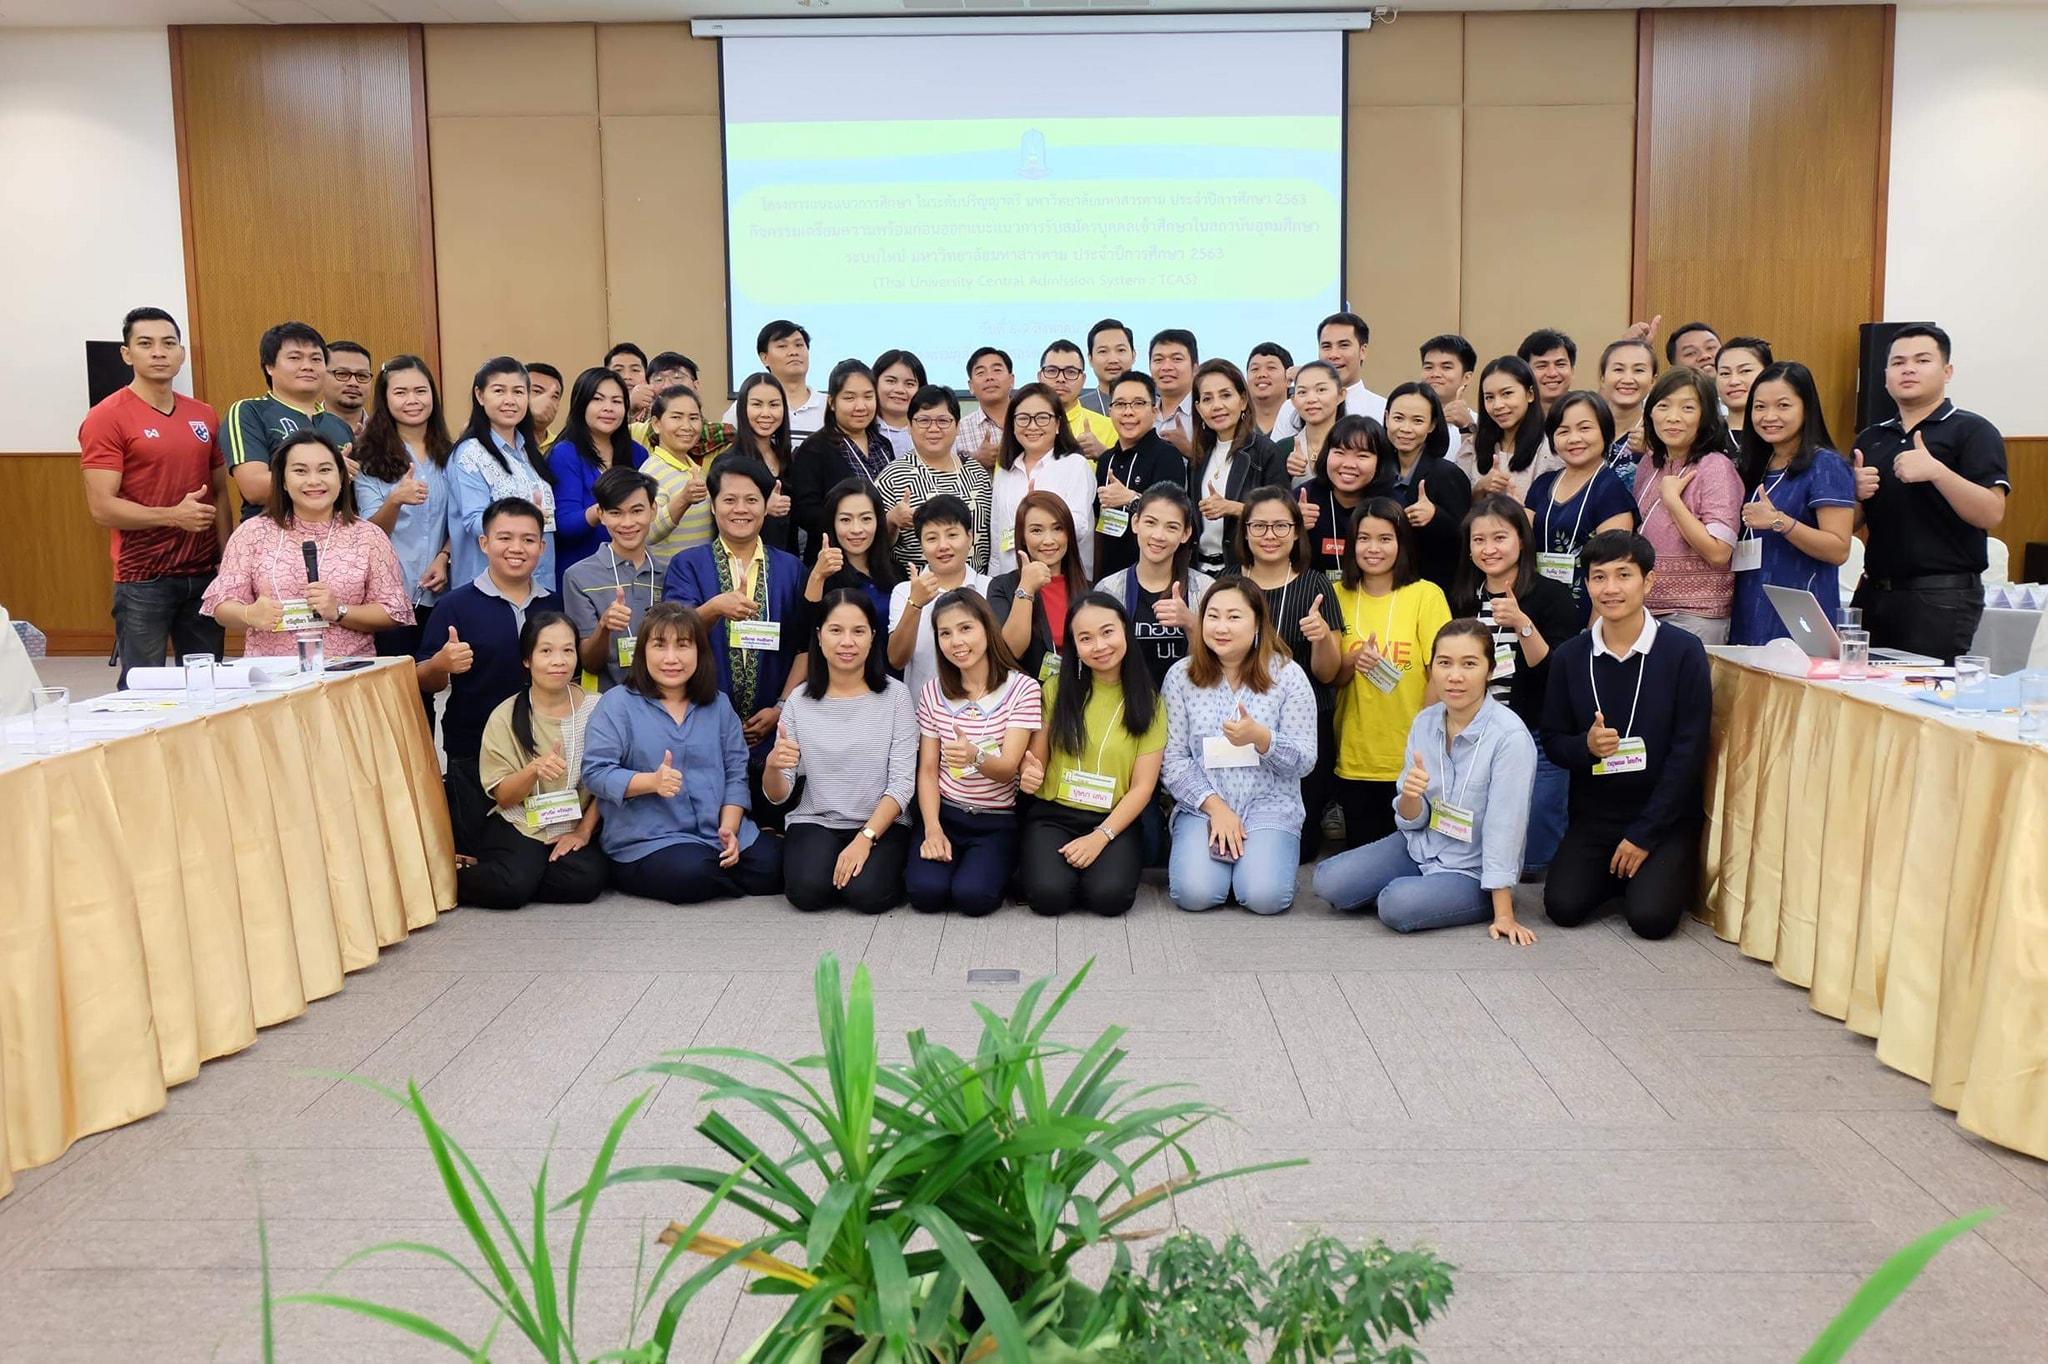 กองบริการการศึกษาจัดโครงการแนะแนวการศึกษา ในระดับปริญญาตรี มหาวิทยาลัยมหาสารคาม